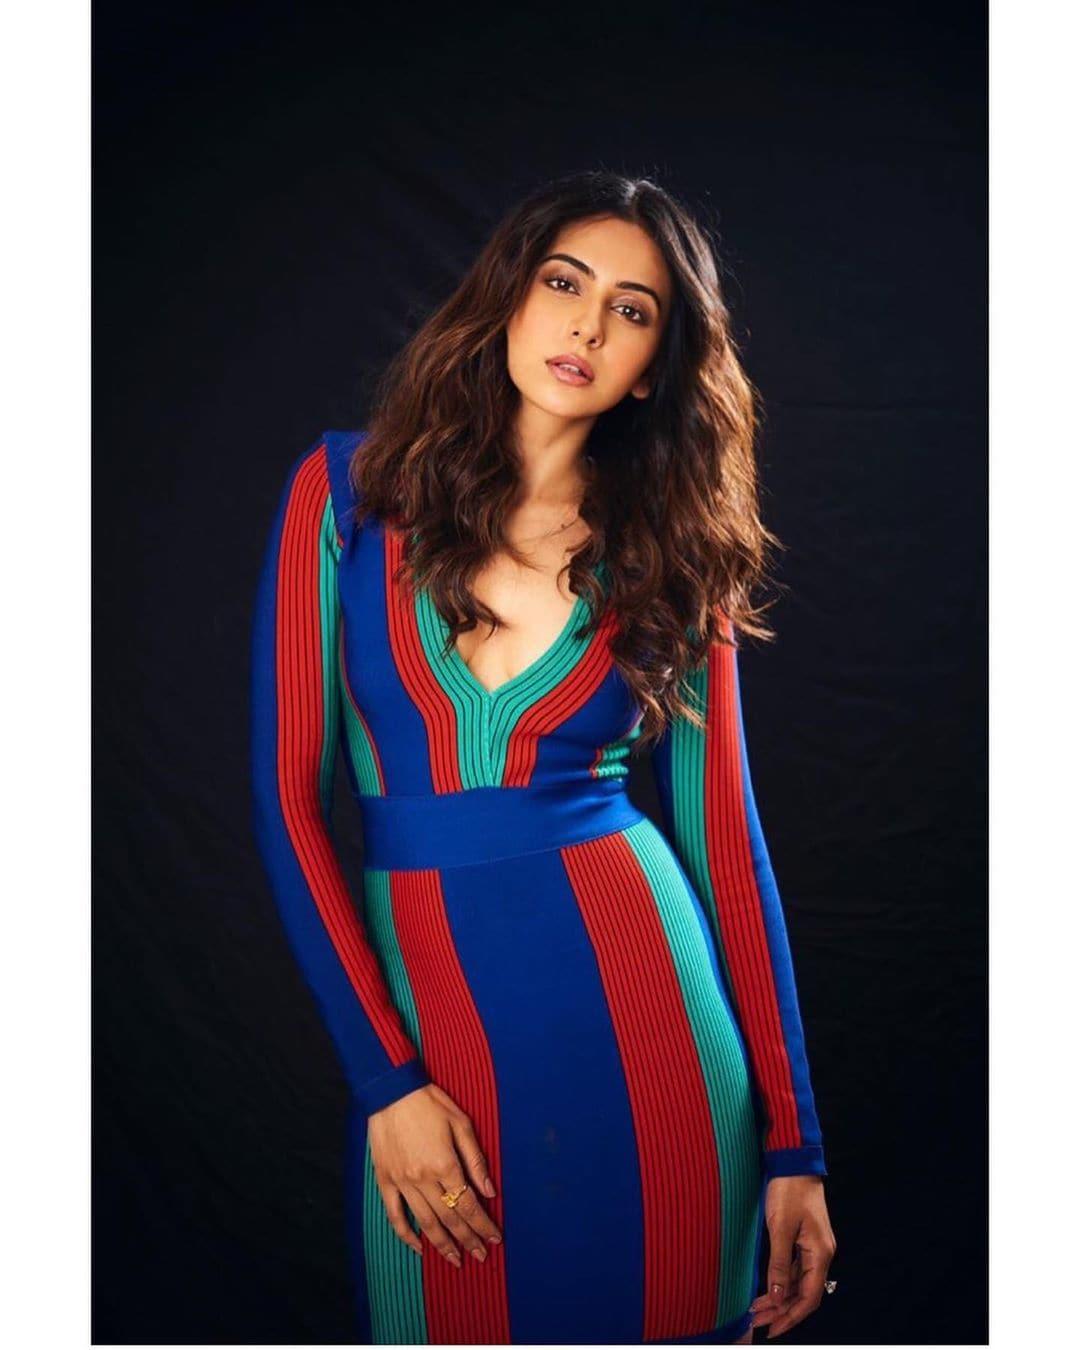 நடிகை ரகுல் ப்ரீத் சிங். (image:instagram)